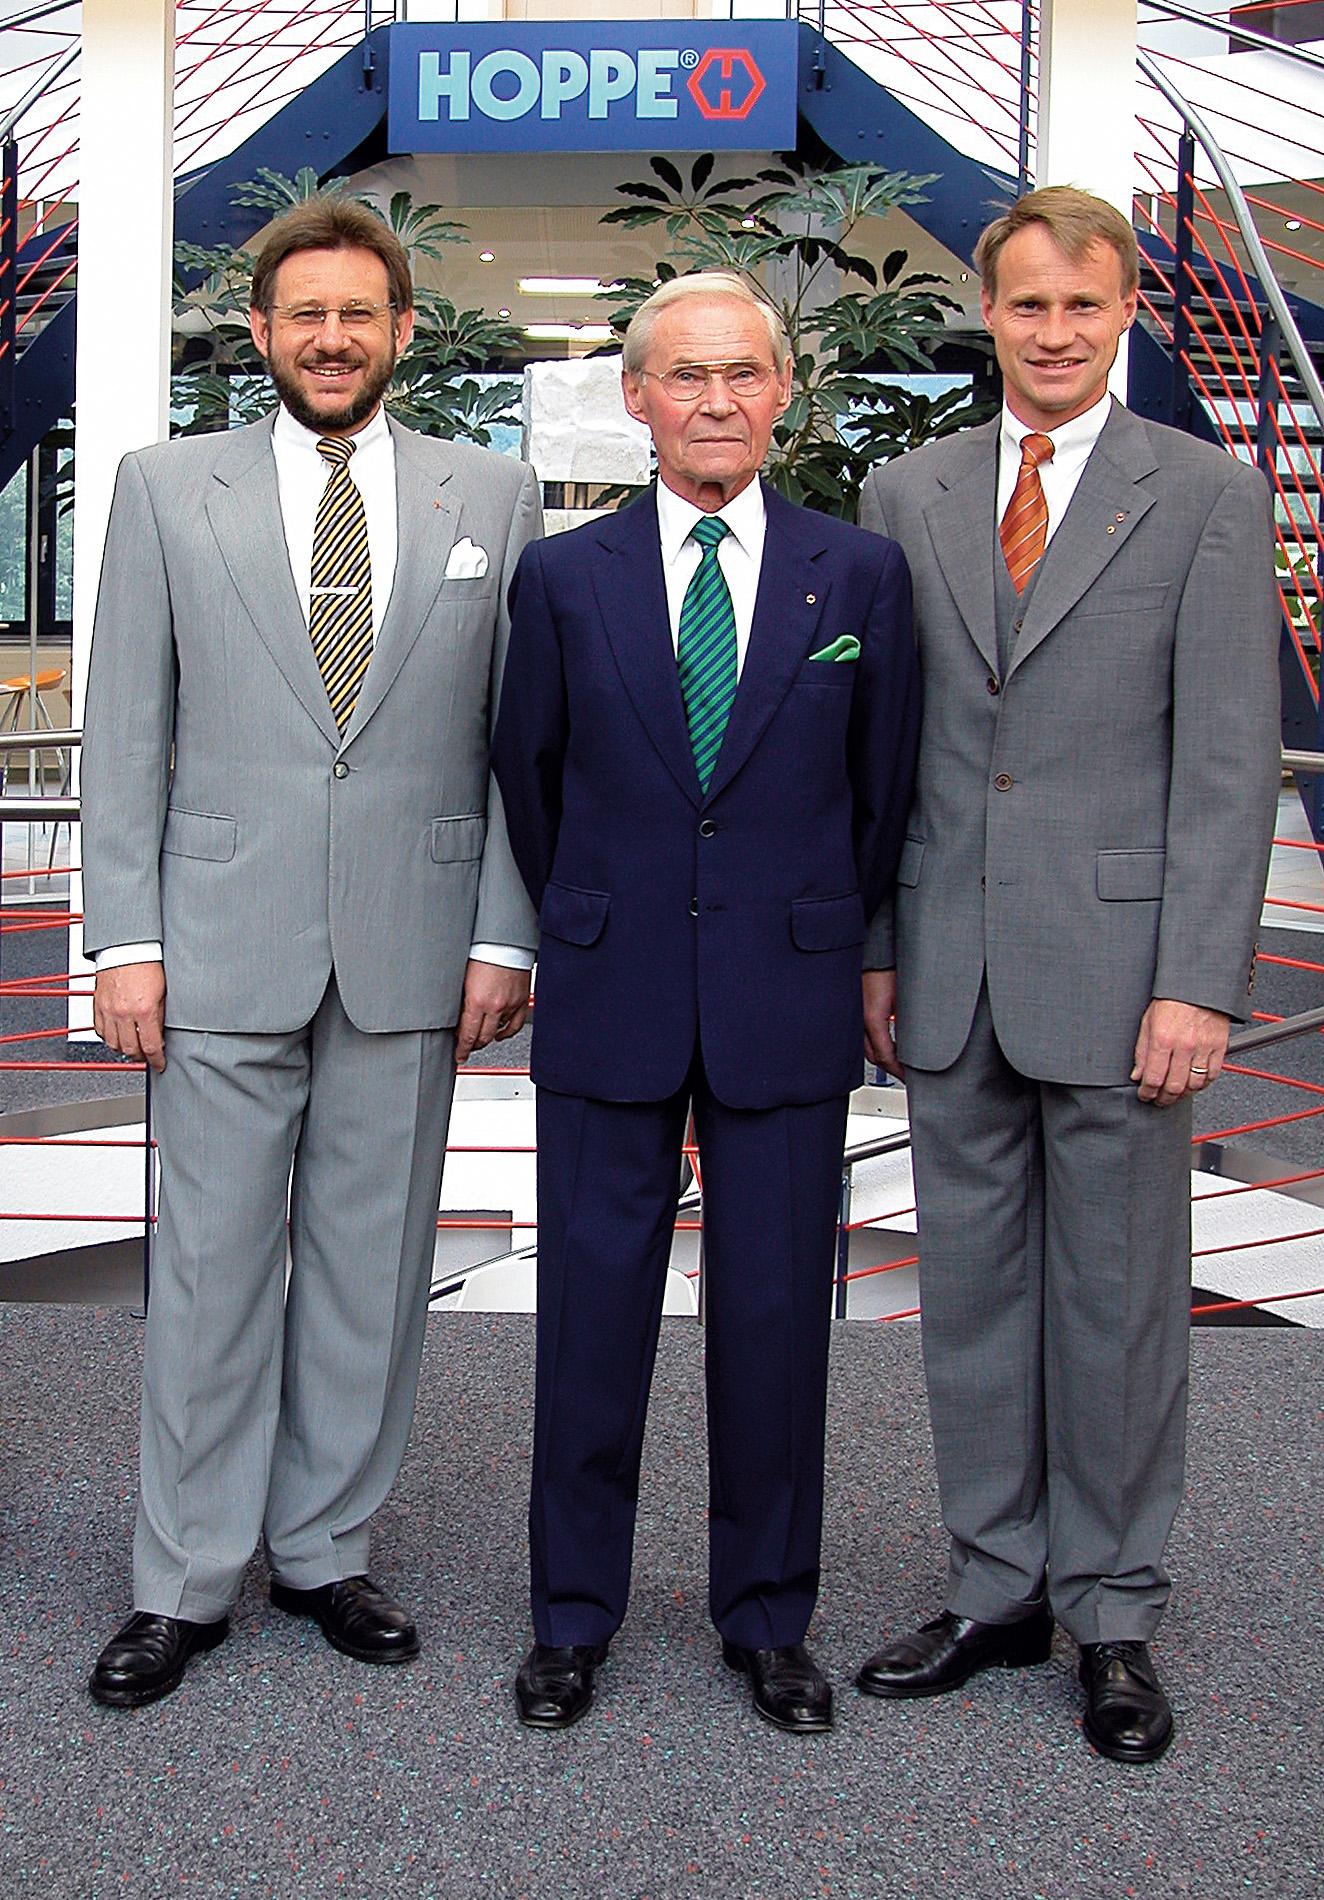 2002: Friedrich Hoppe (i mitten) och sönerna Wolf (till vänster) och Christoph Hoppe (till höger)